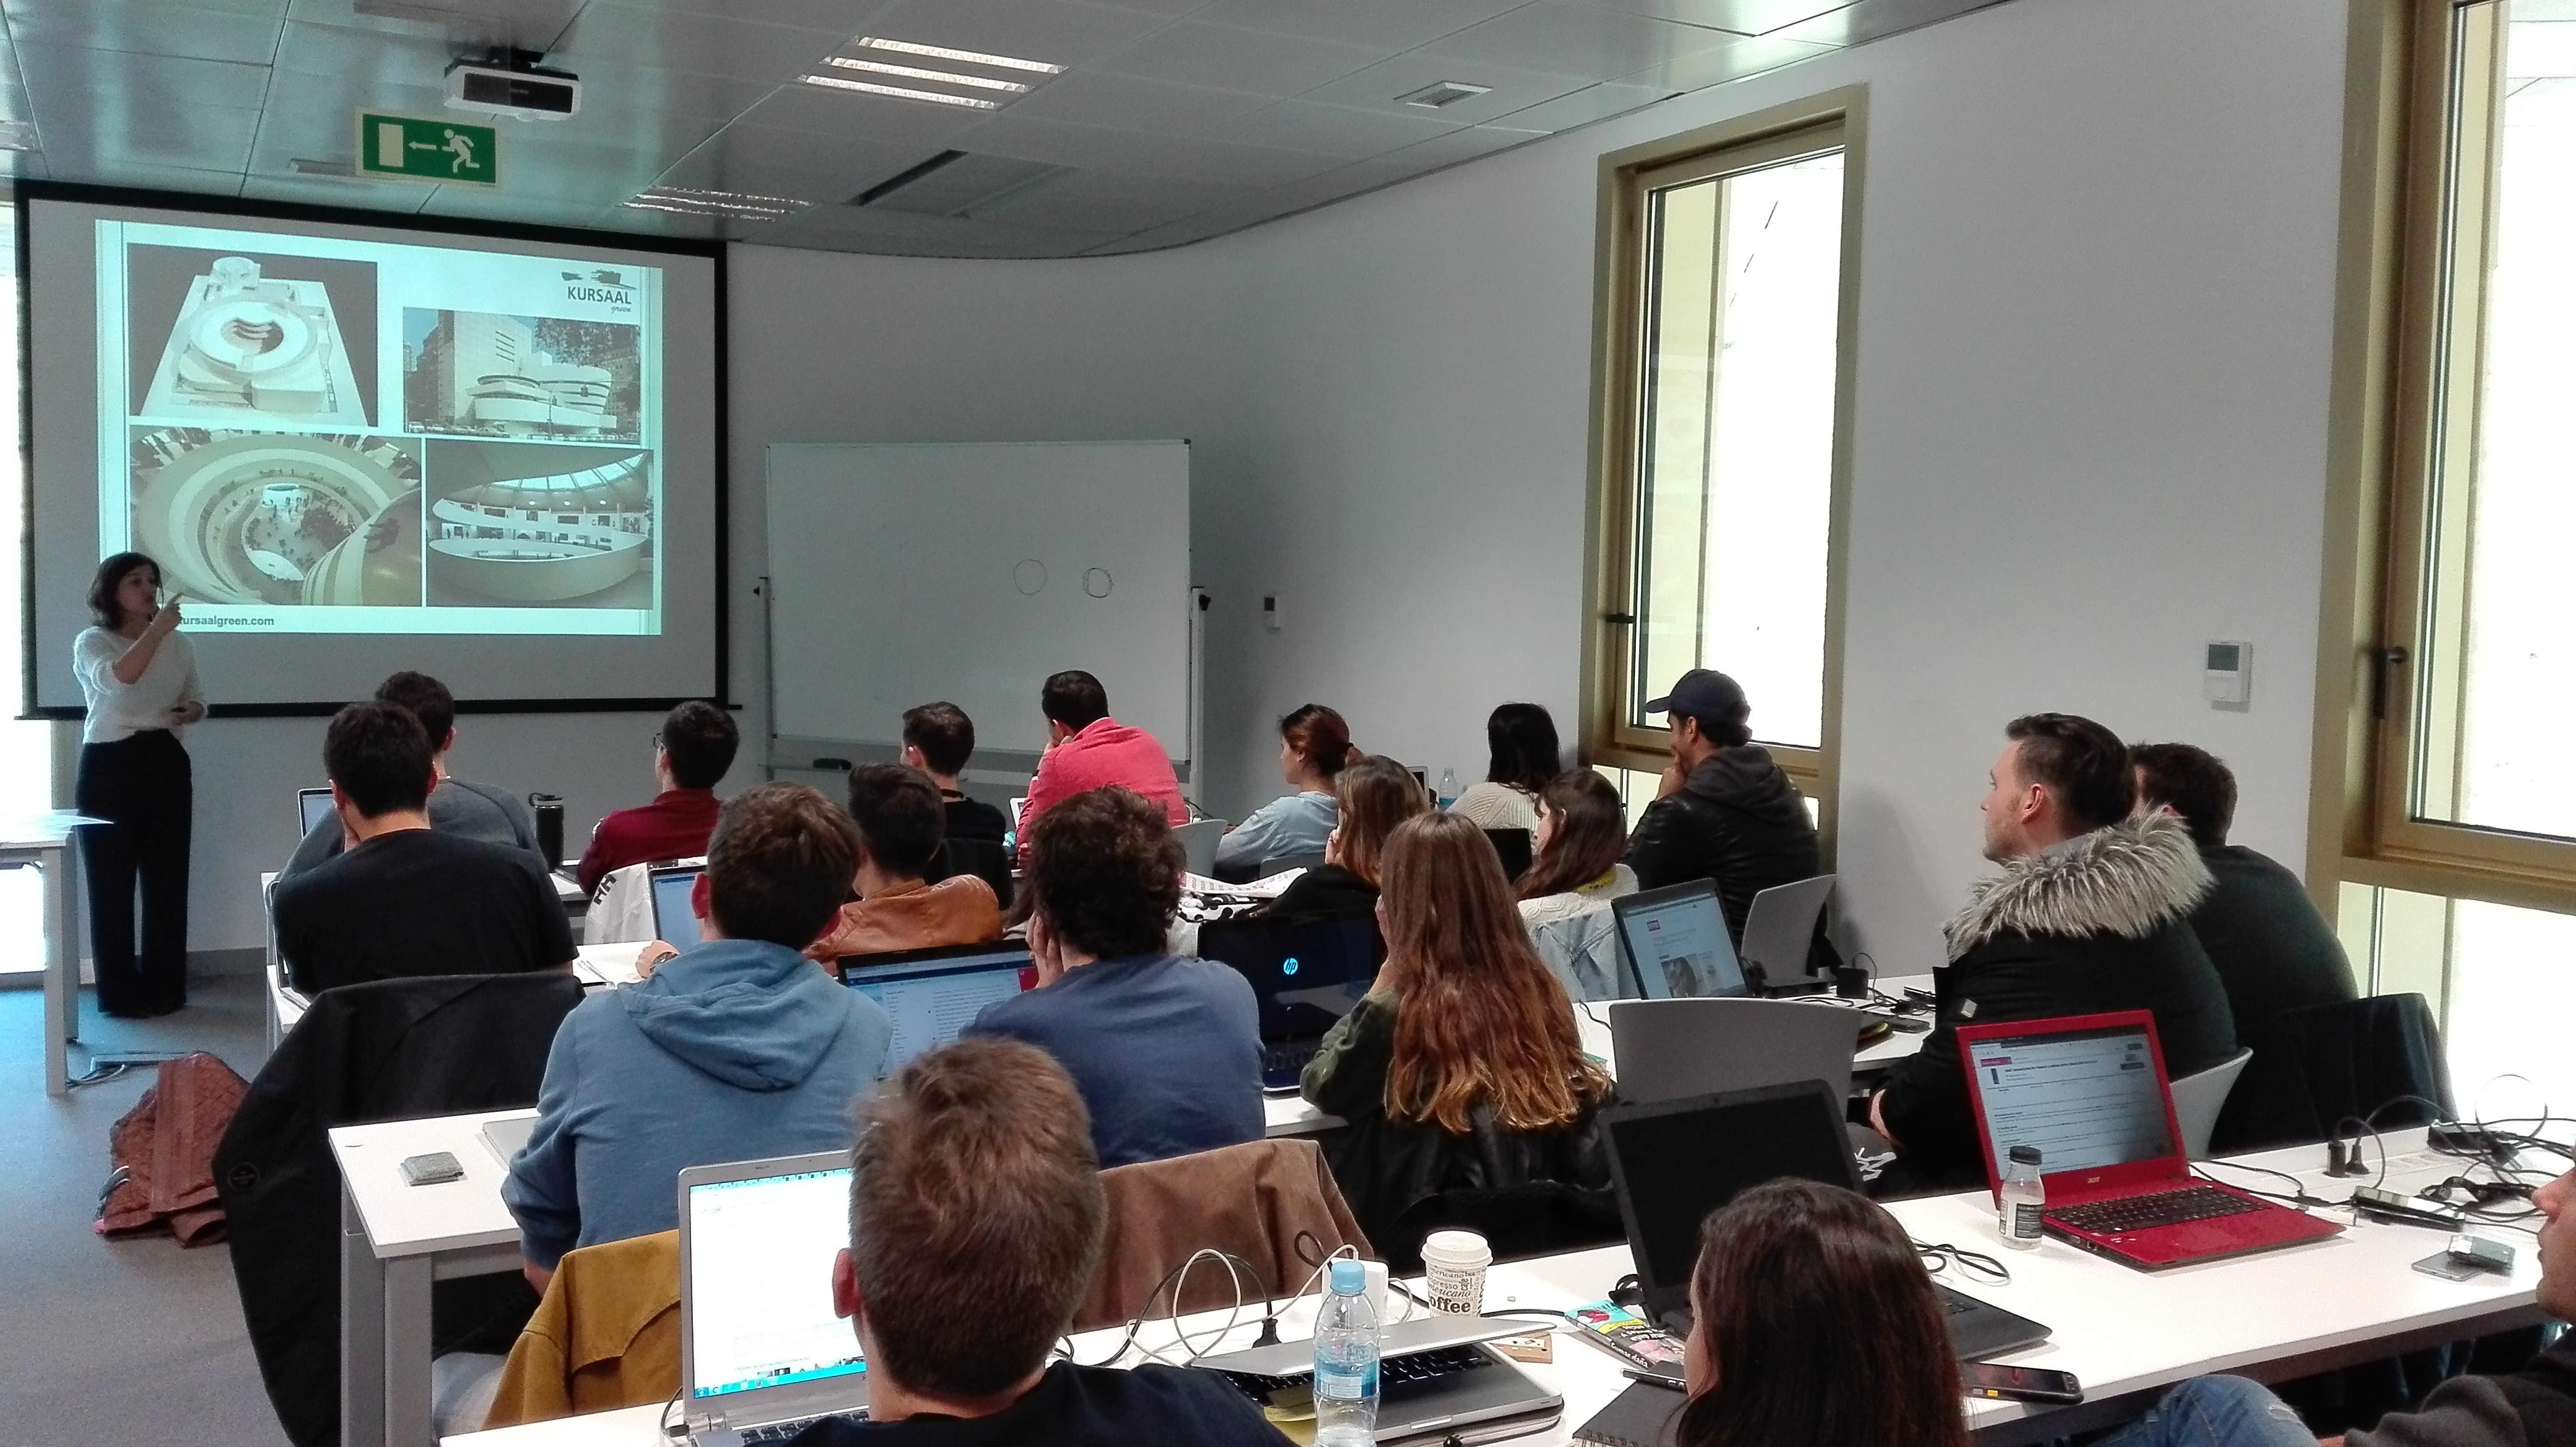 imagen 4 de noticia: otro-ao-ms-kursaal-green-impartimos-una-serie-de-clases-en-el-basque-culinary-center